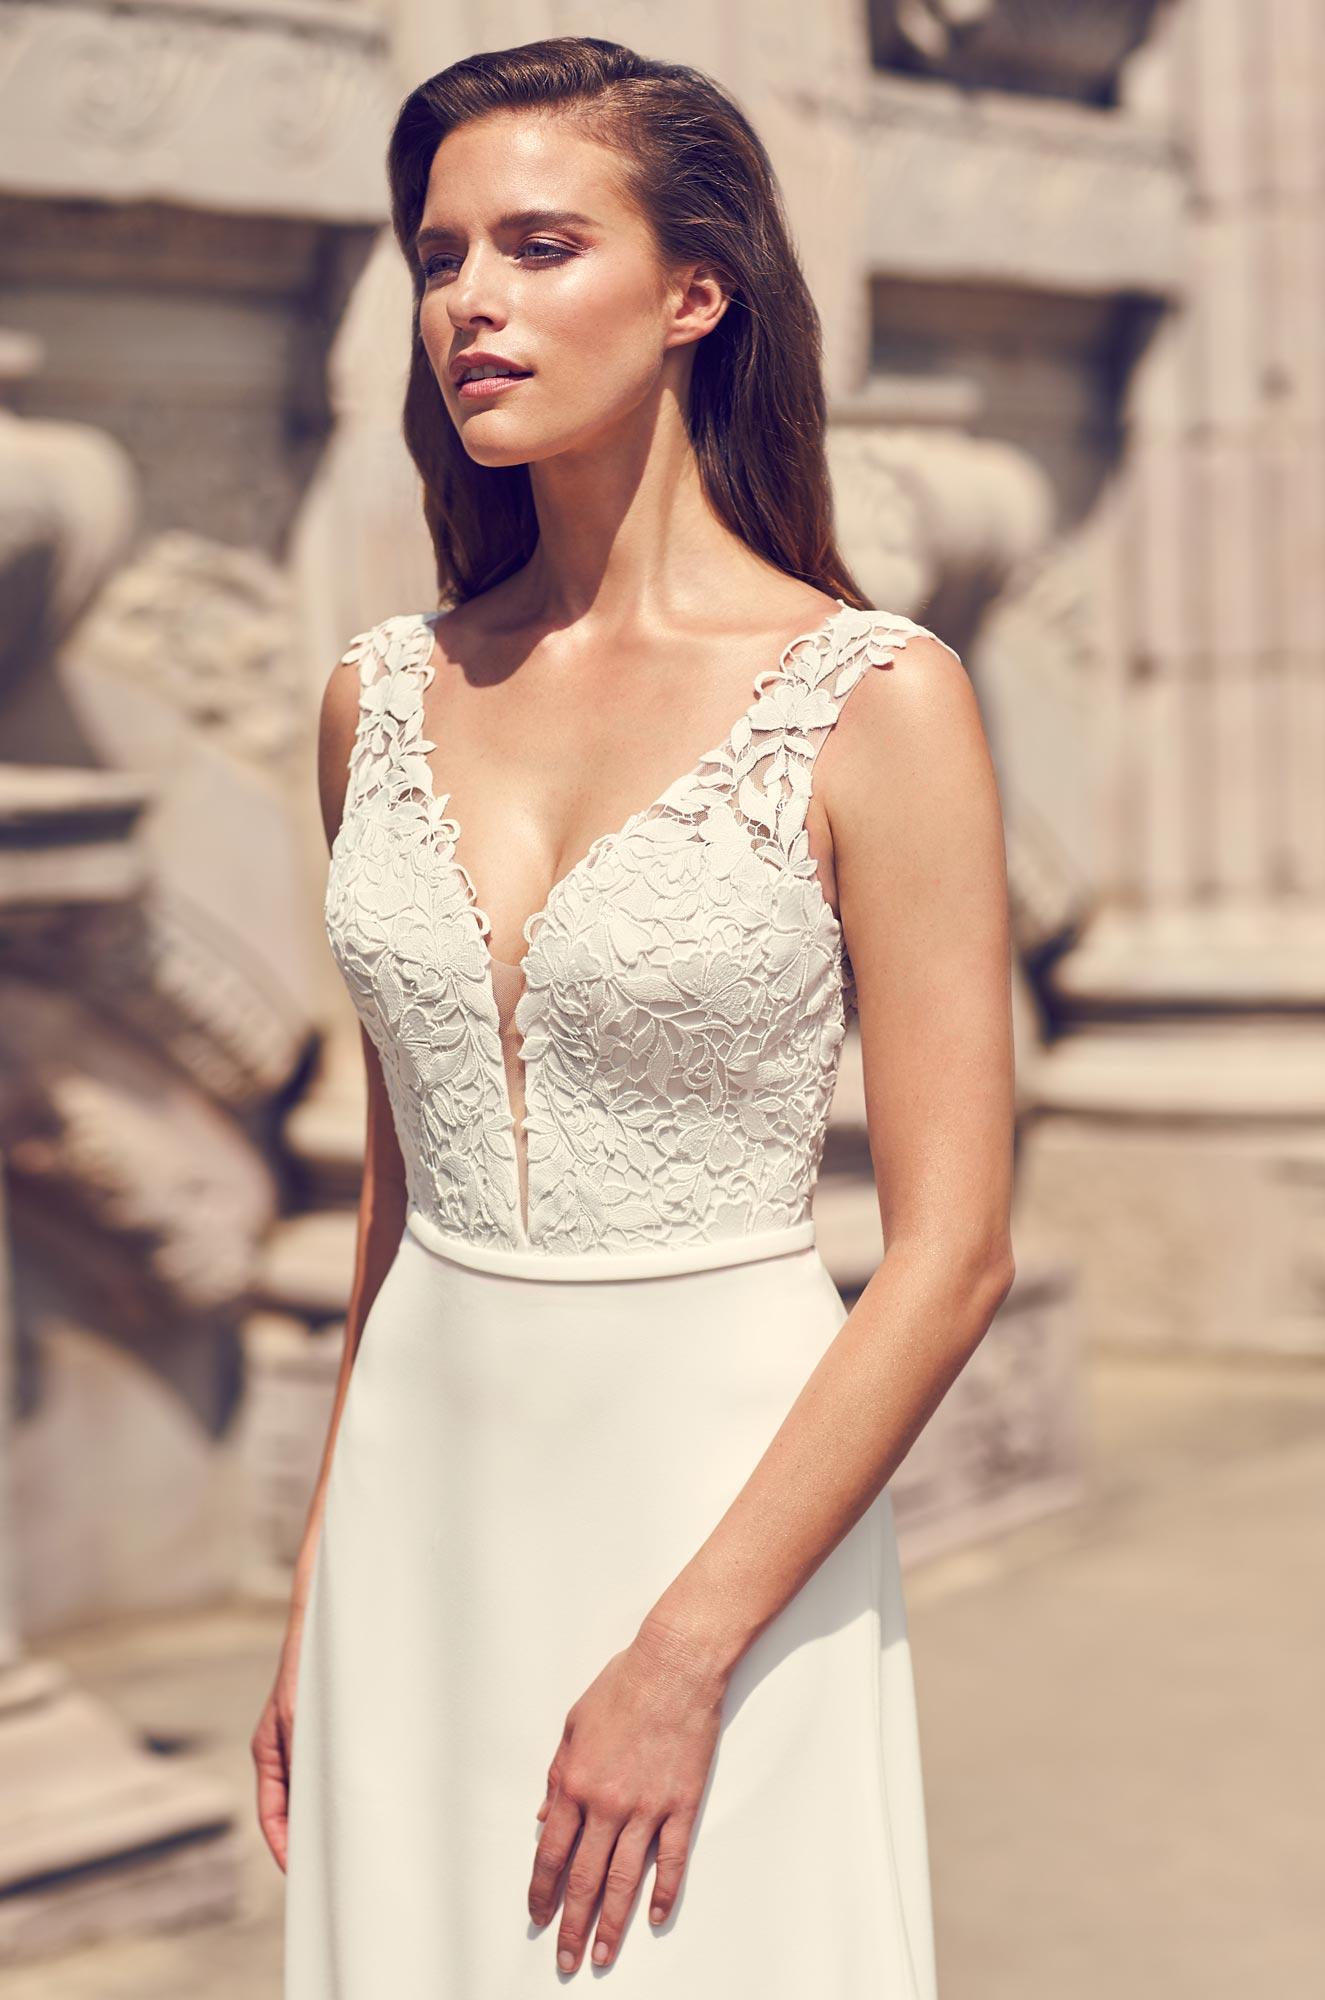 Lace Keyhole Back Wedding Dress - Style #2226 | Mikaella Bridal